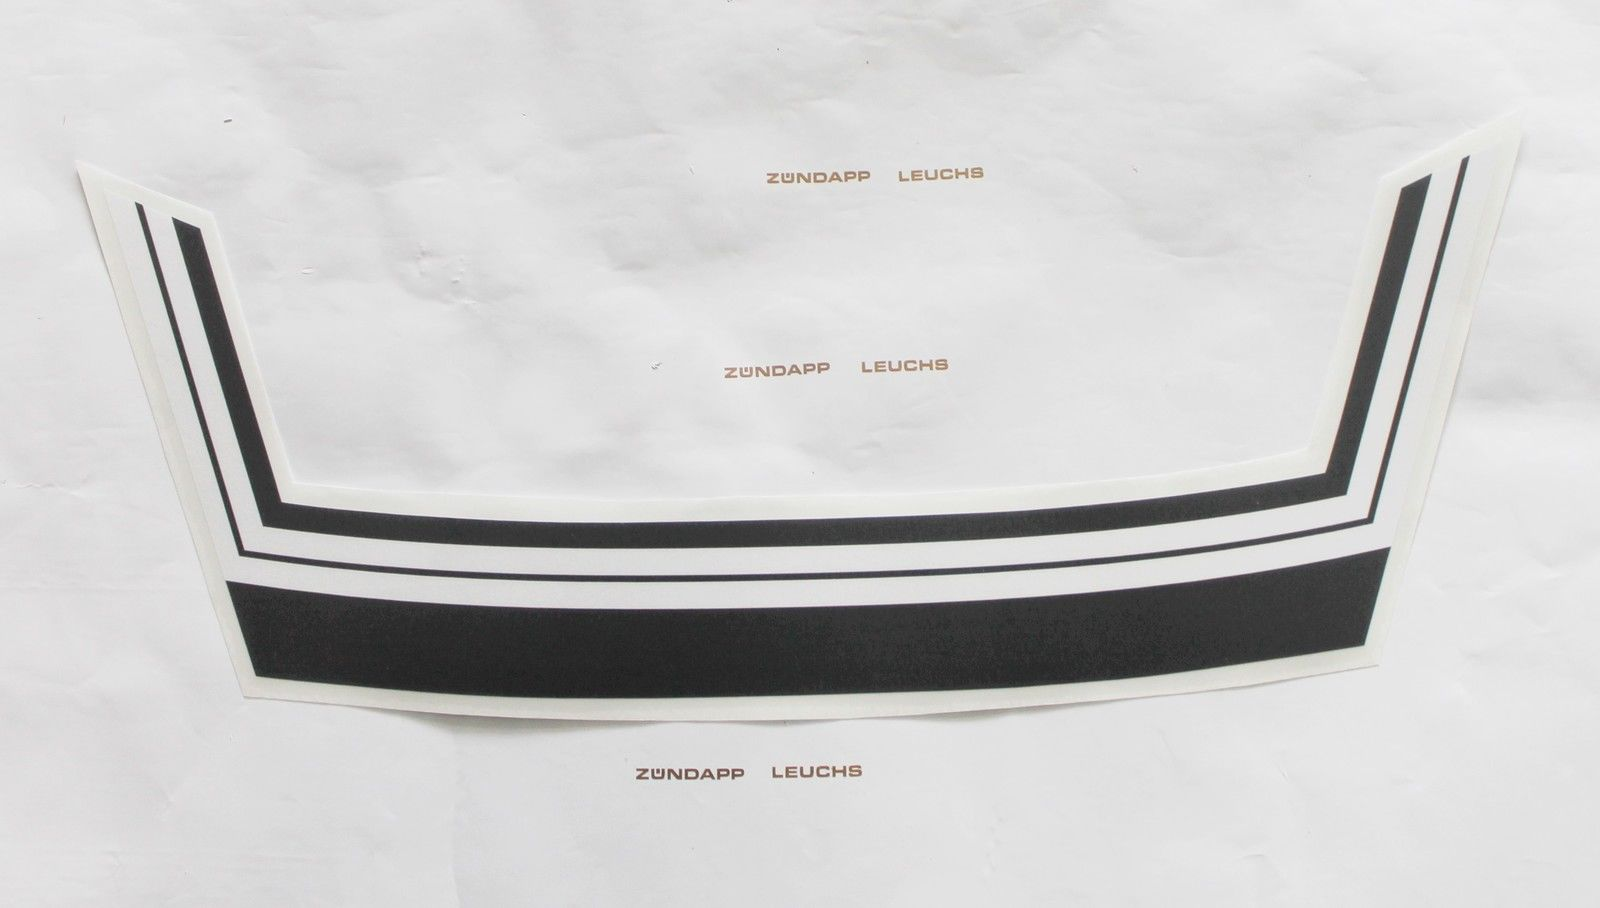 Kreidler Florett K54 Rmc Rs Aufkleber Heck Streifen Aufkleber Schwarz Weiß